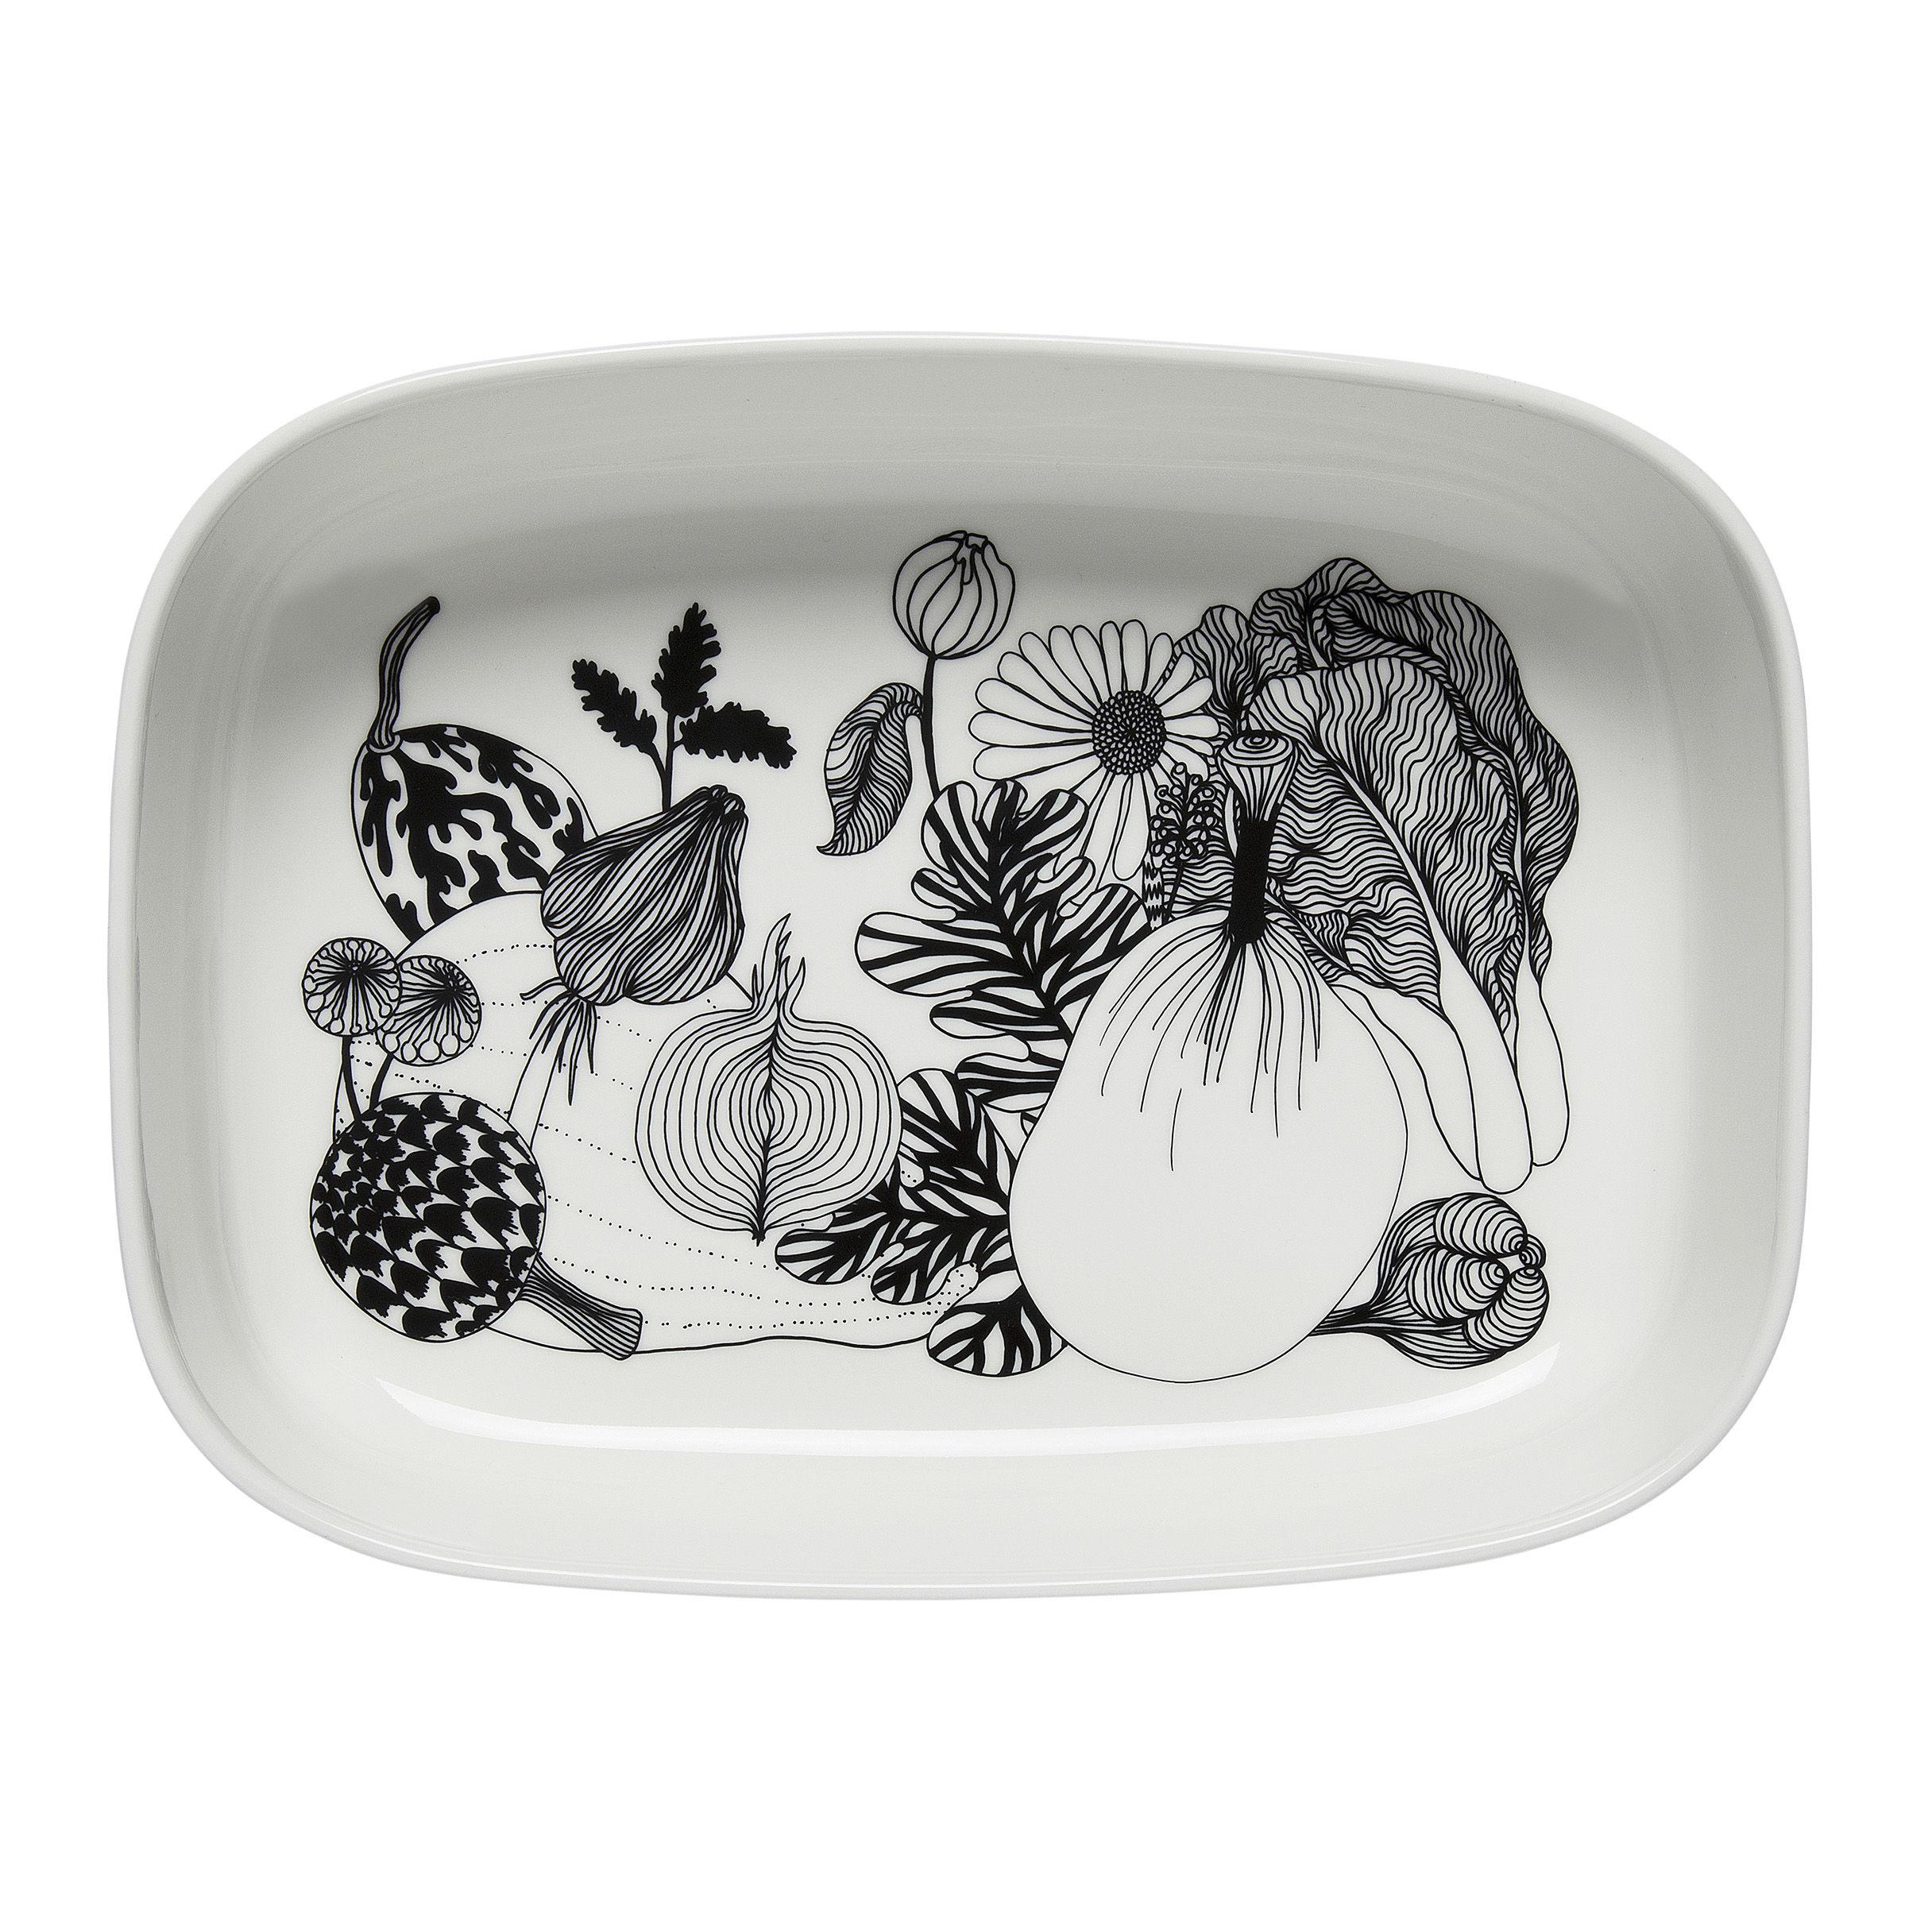 Tableware - Serving Plates - Siirtolapuutarha Baking dish - / 28 x 20.5 cm - Ceramic by Marimekko - Siirtolapuutarha / Black & white - Sandstone